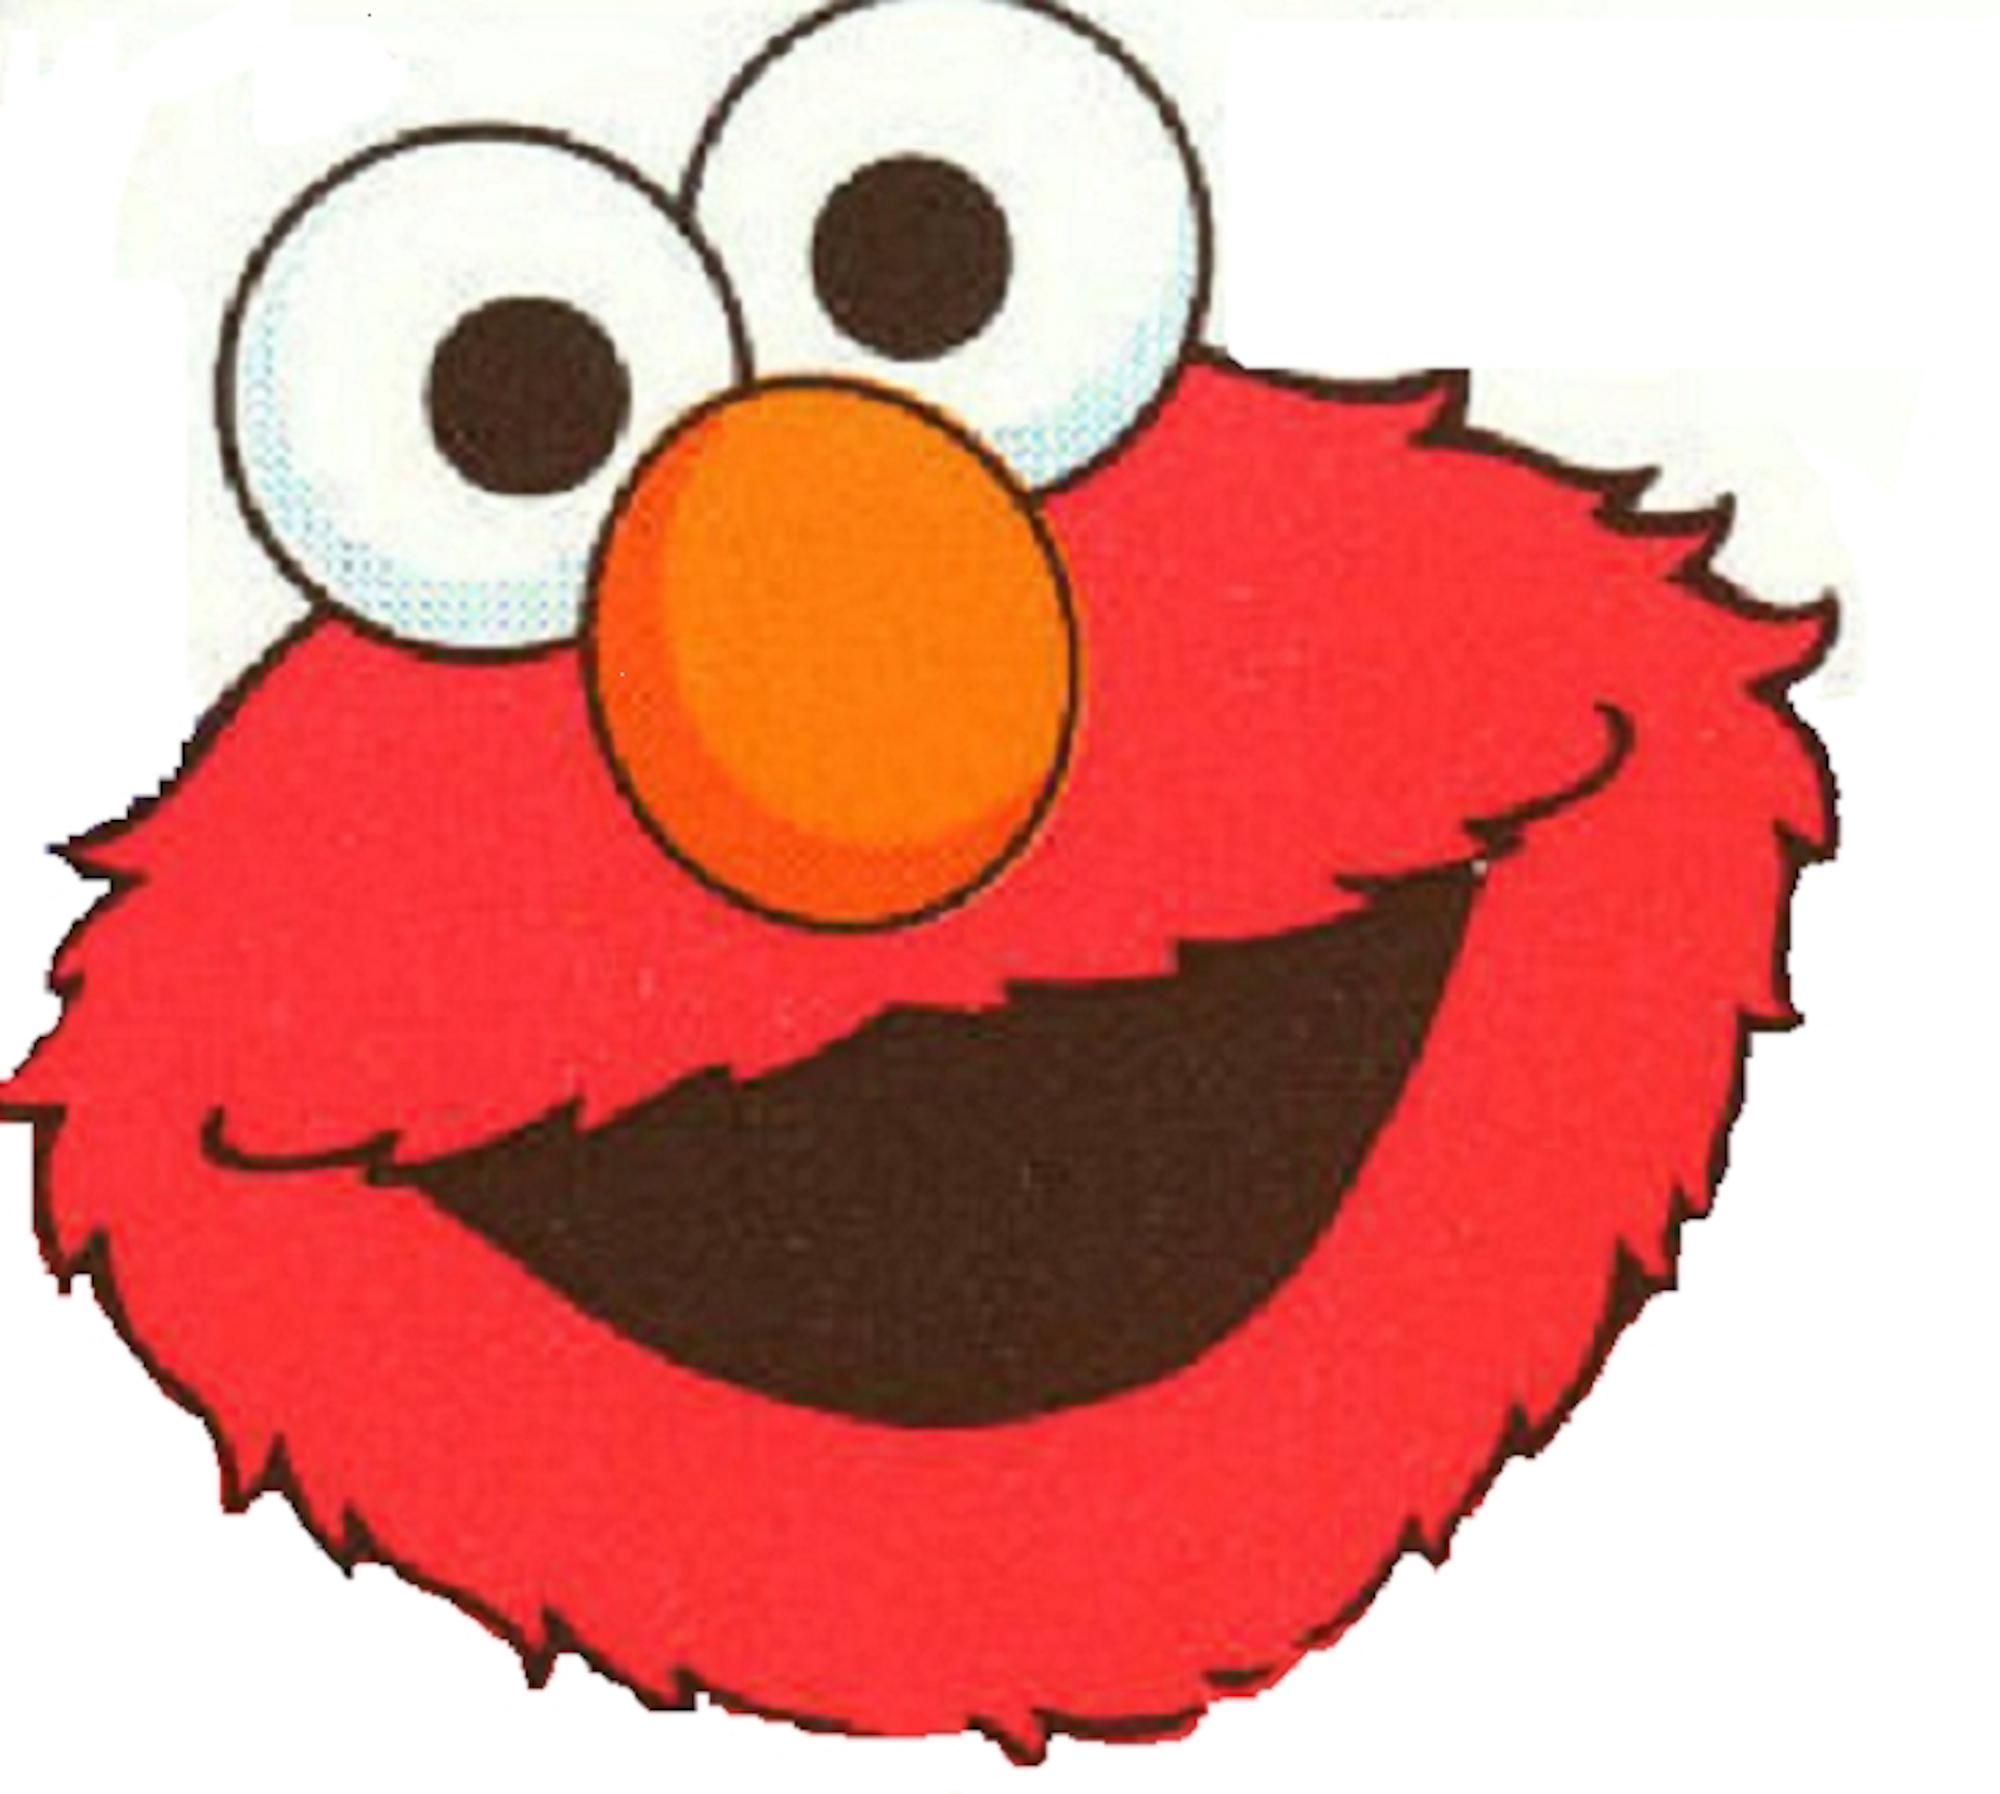 Elmo Clip Art Images | Clipart Panda - Free Clipart Images